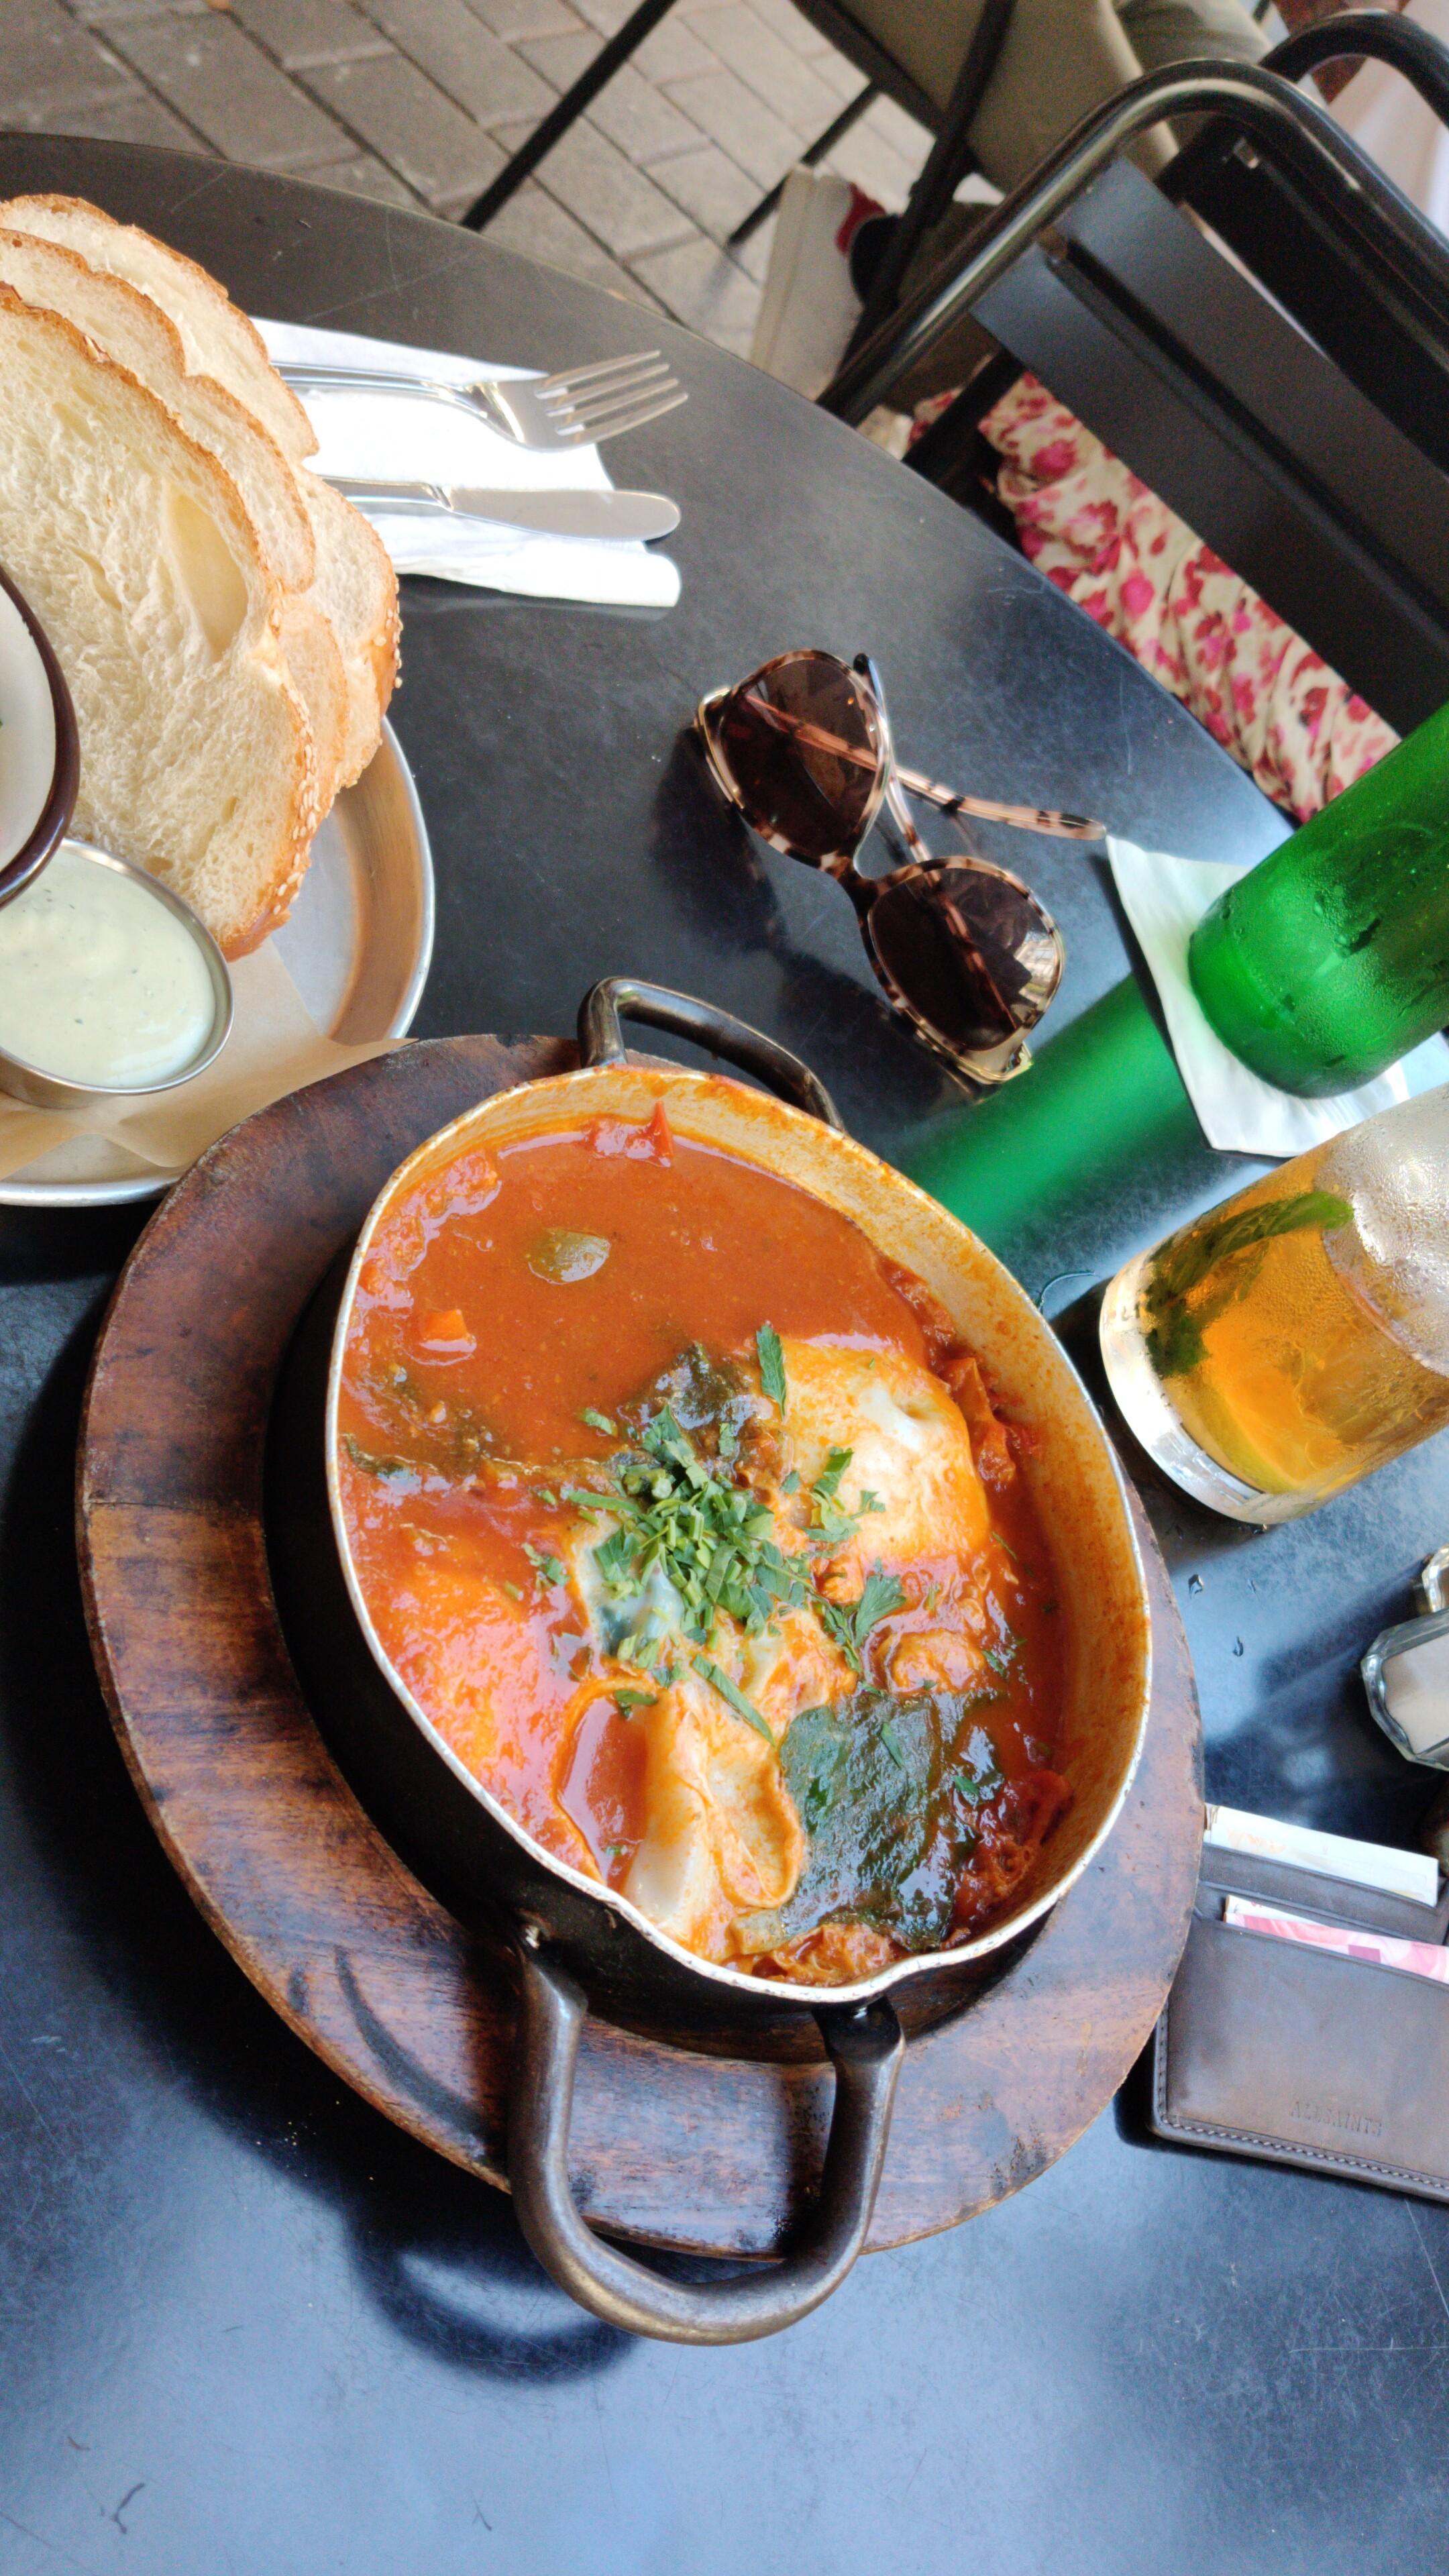 Cafe Shneor - Tel Aviv